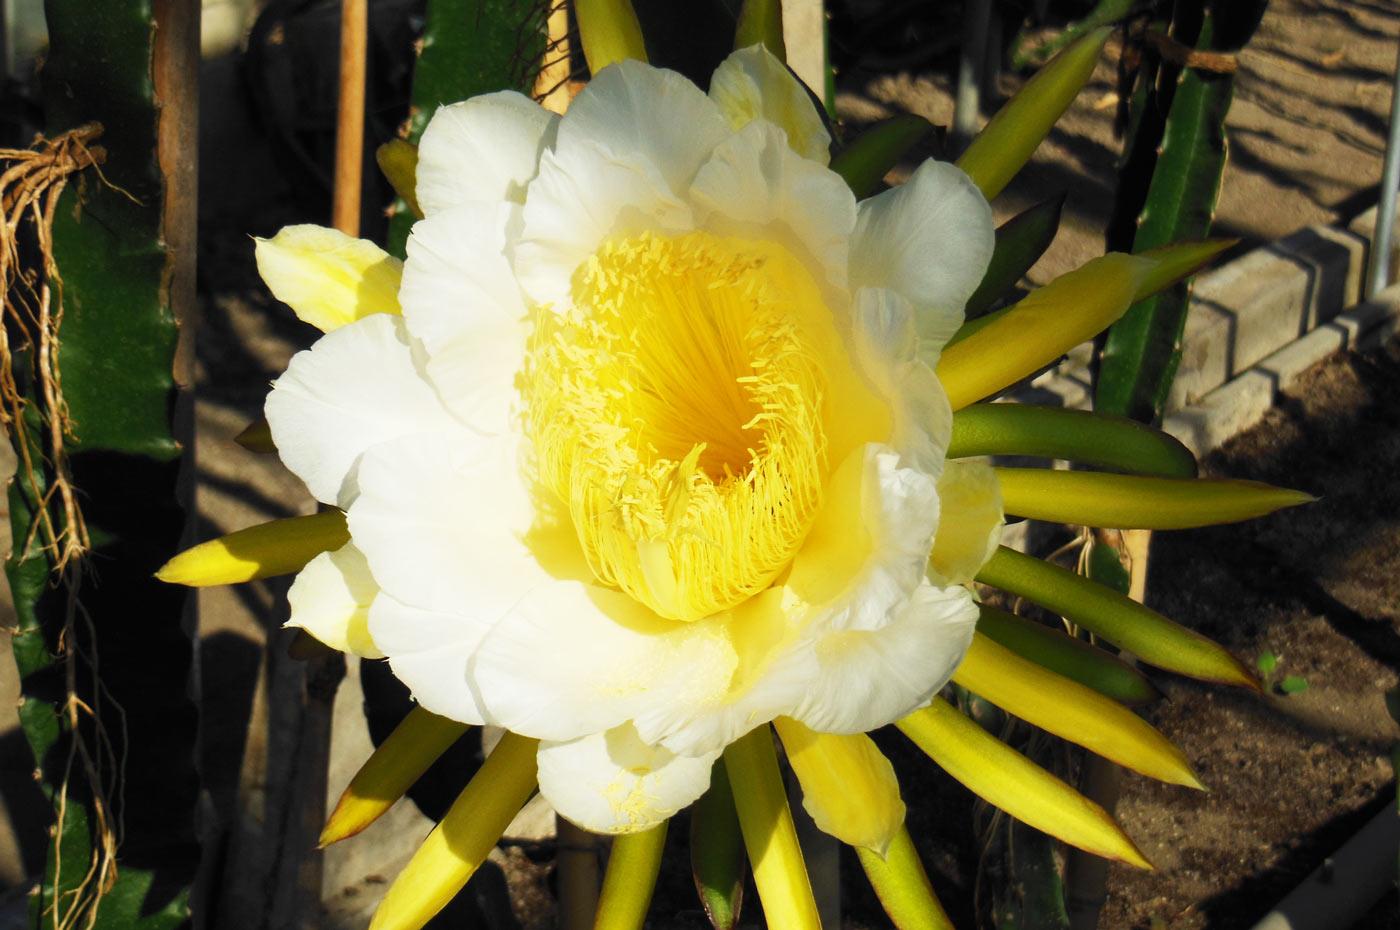 ドラゴンフルーツの花を下から撮影